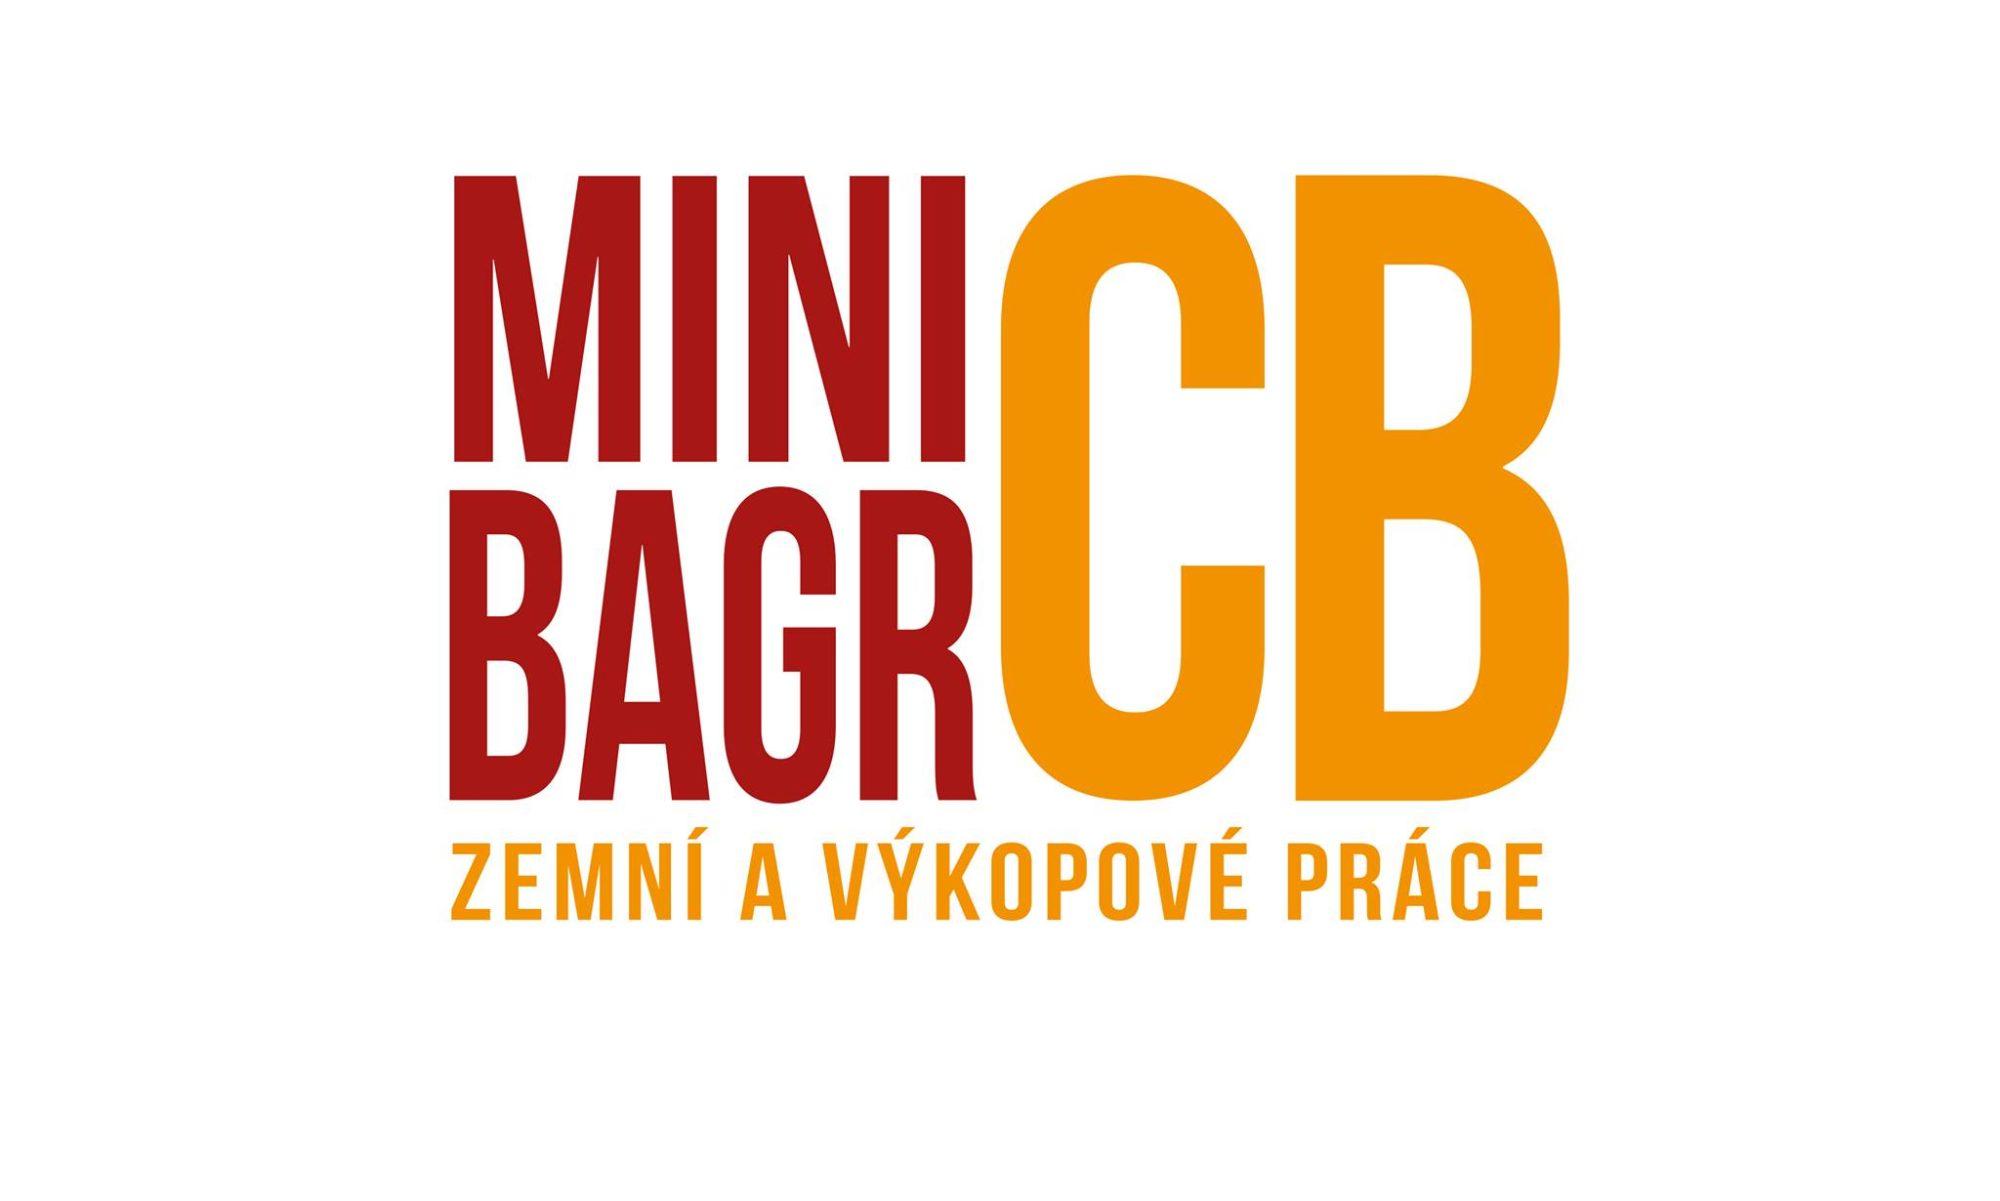 Minibagr ČB